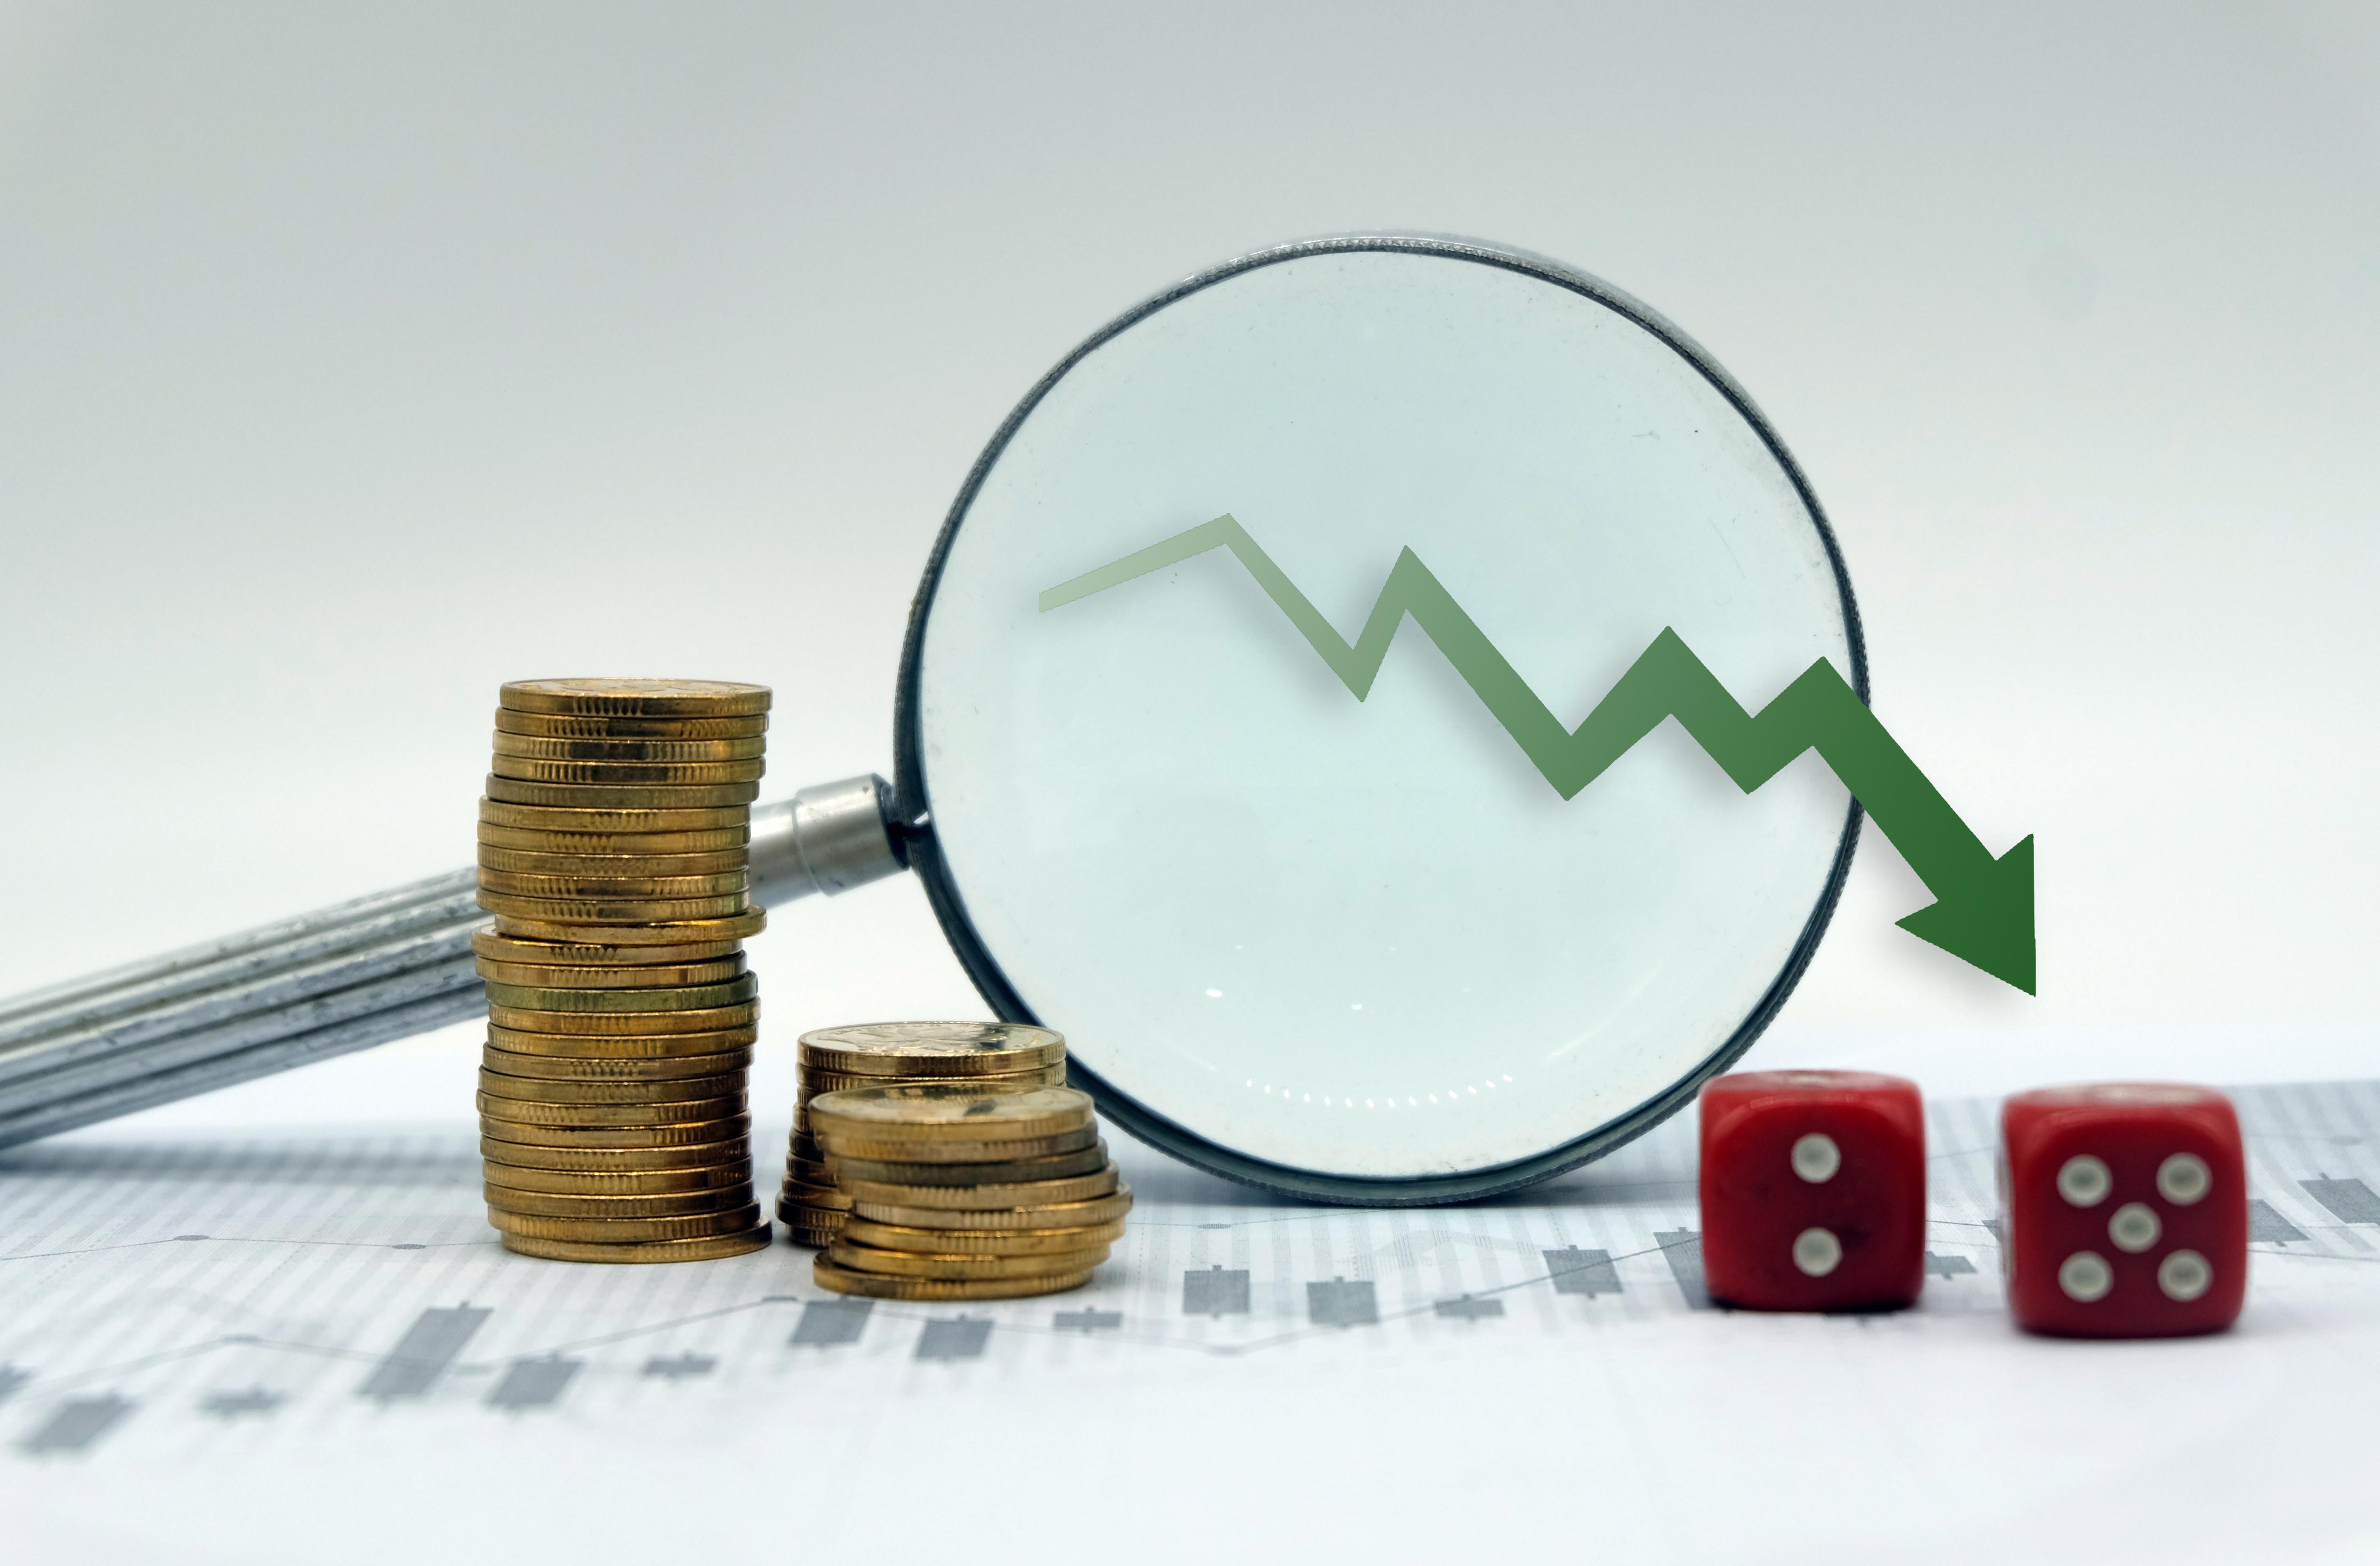 业绩下滑、股价腰斩,派思股份(603318.SH)发生了什么?